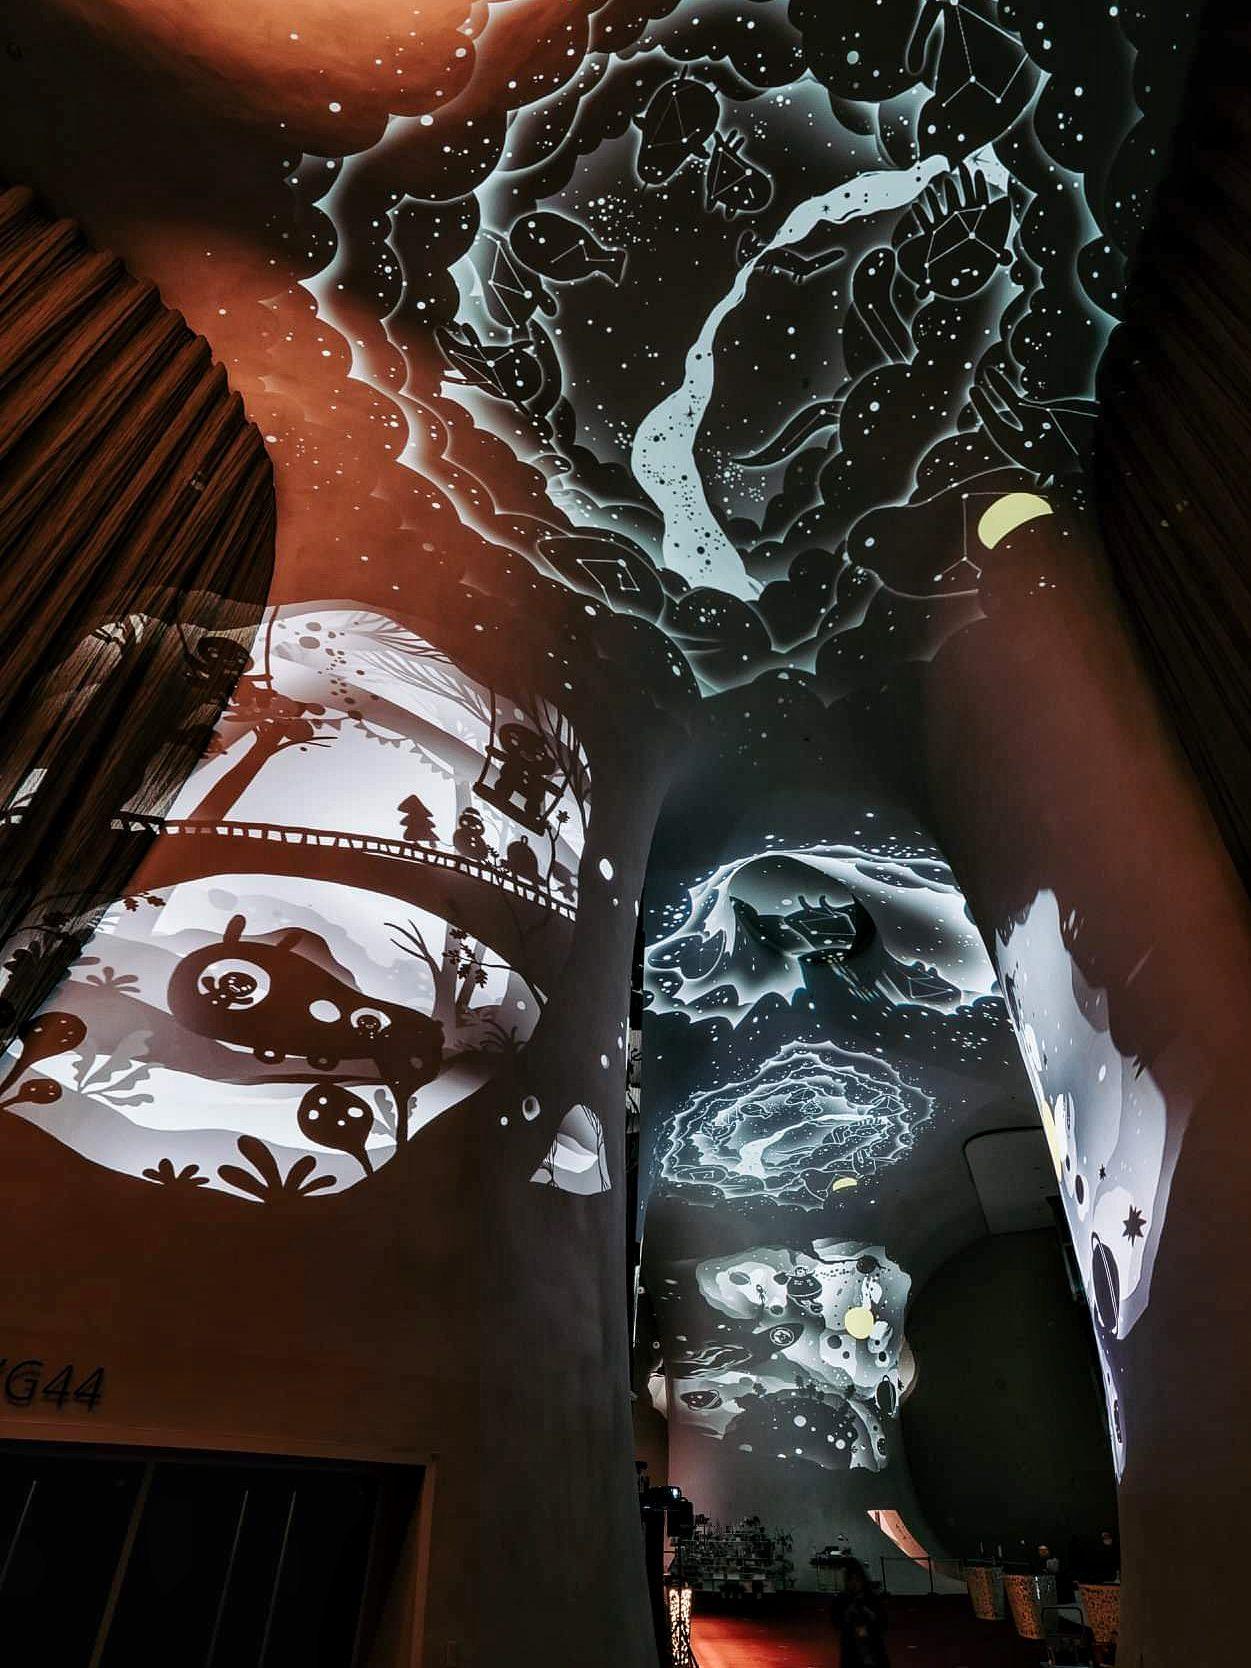 20181219160559 33 - 2018台中歌劇院最新聖誕活動開跑啦!限時兩周~魔幻曲牆光影秀免費參觀唷